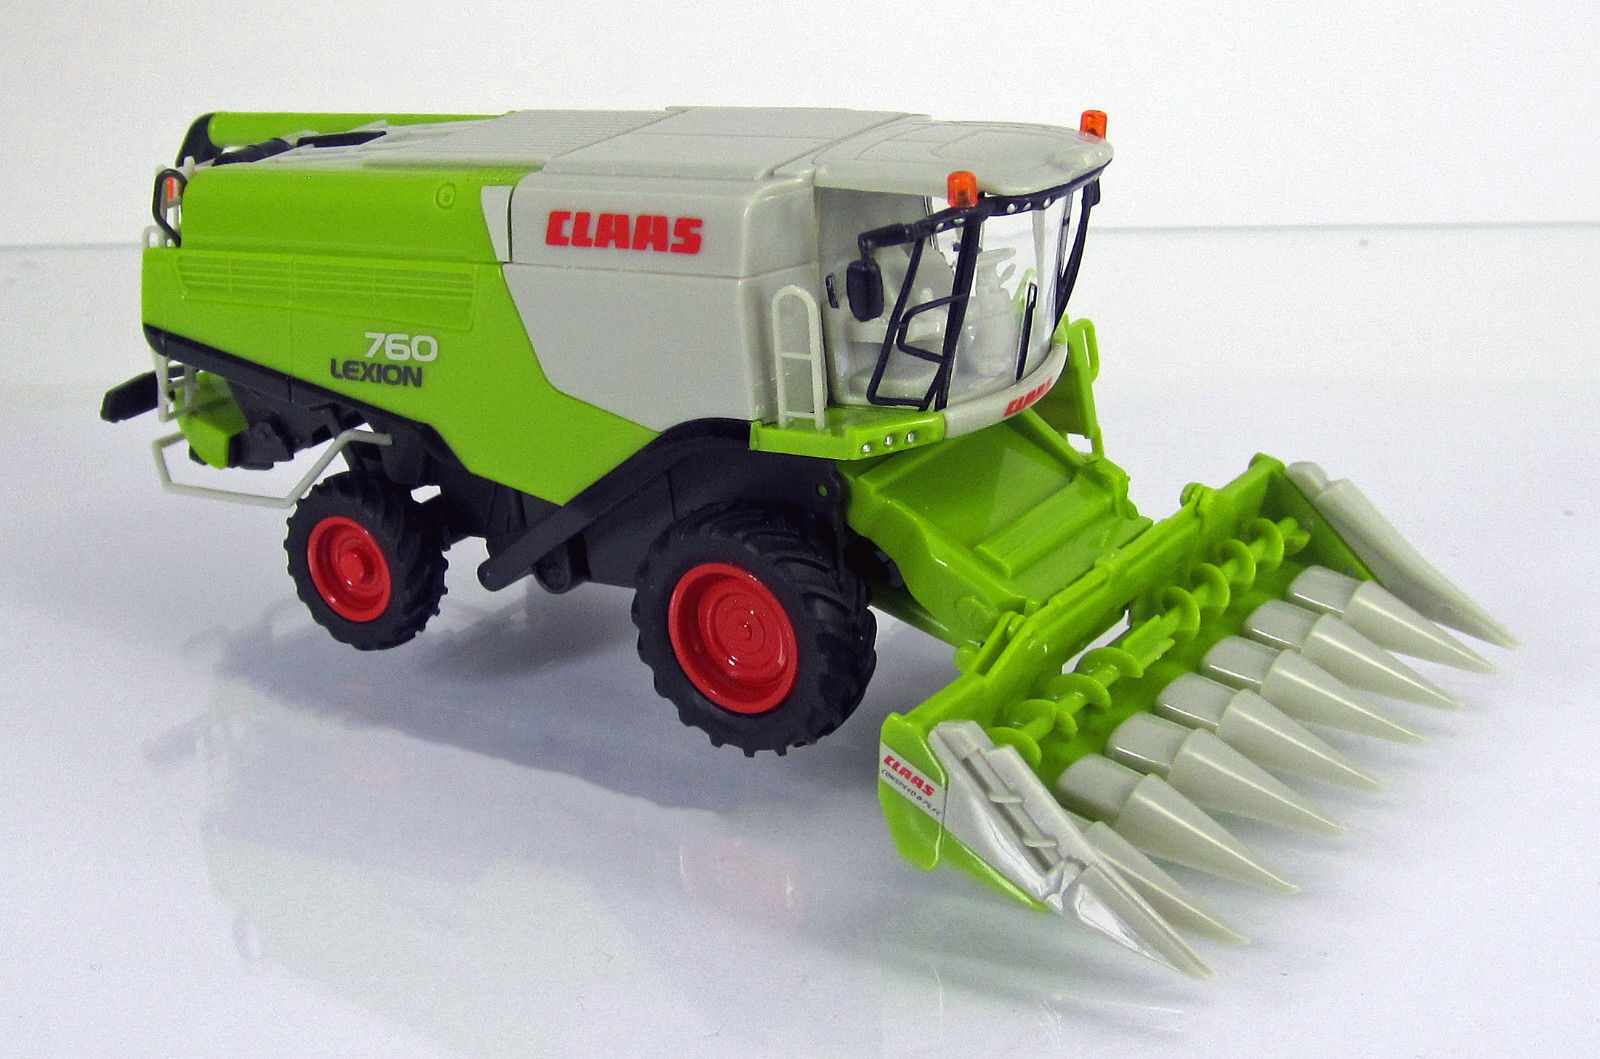 Wiking 038911 Claas Lexion 760 Mähdrescher mit Conspeed Maisvorsatz Scale 1 87 N